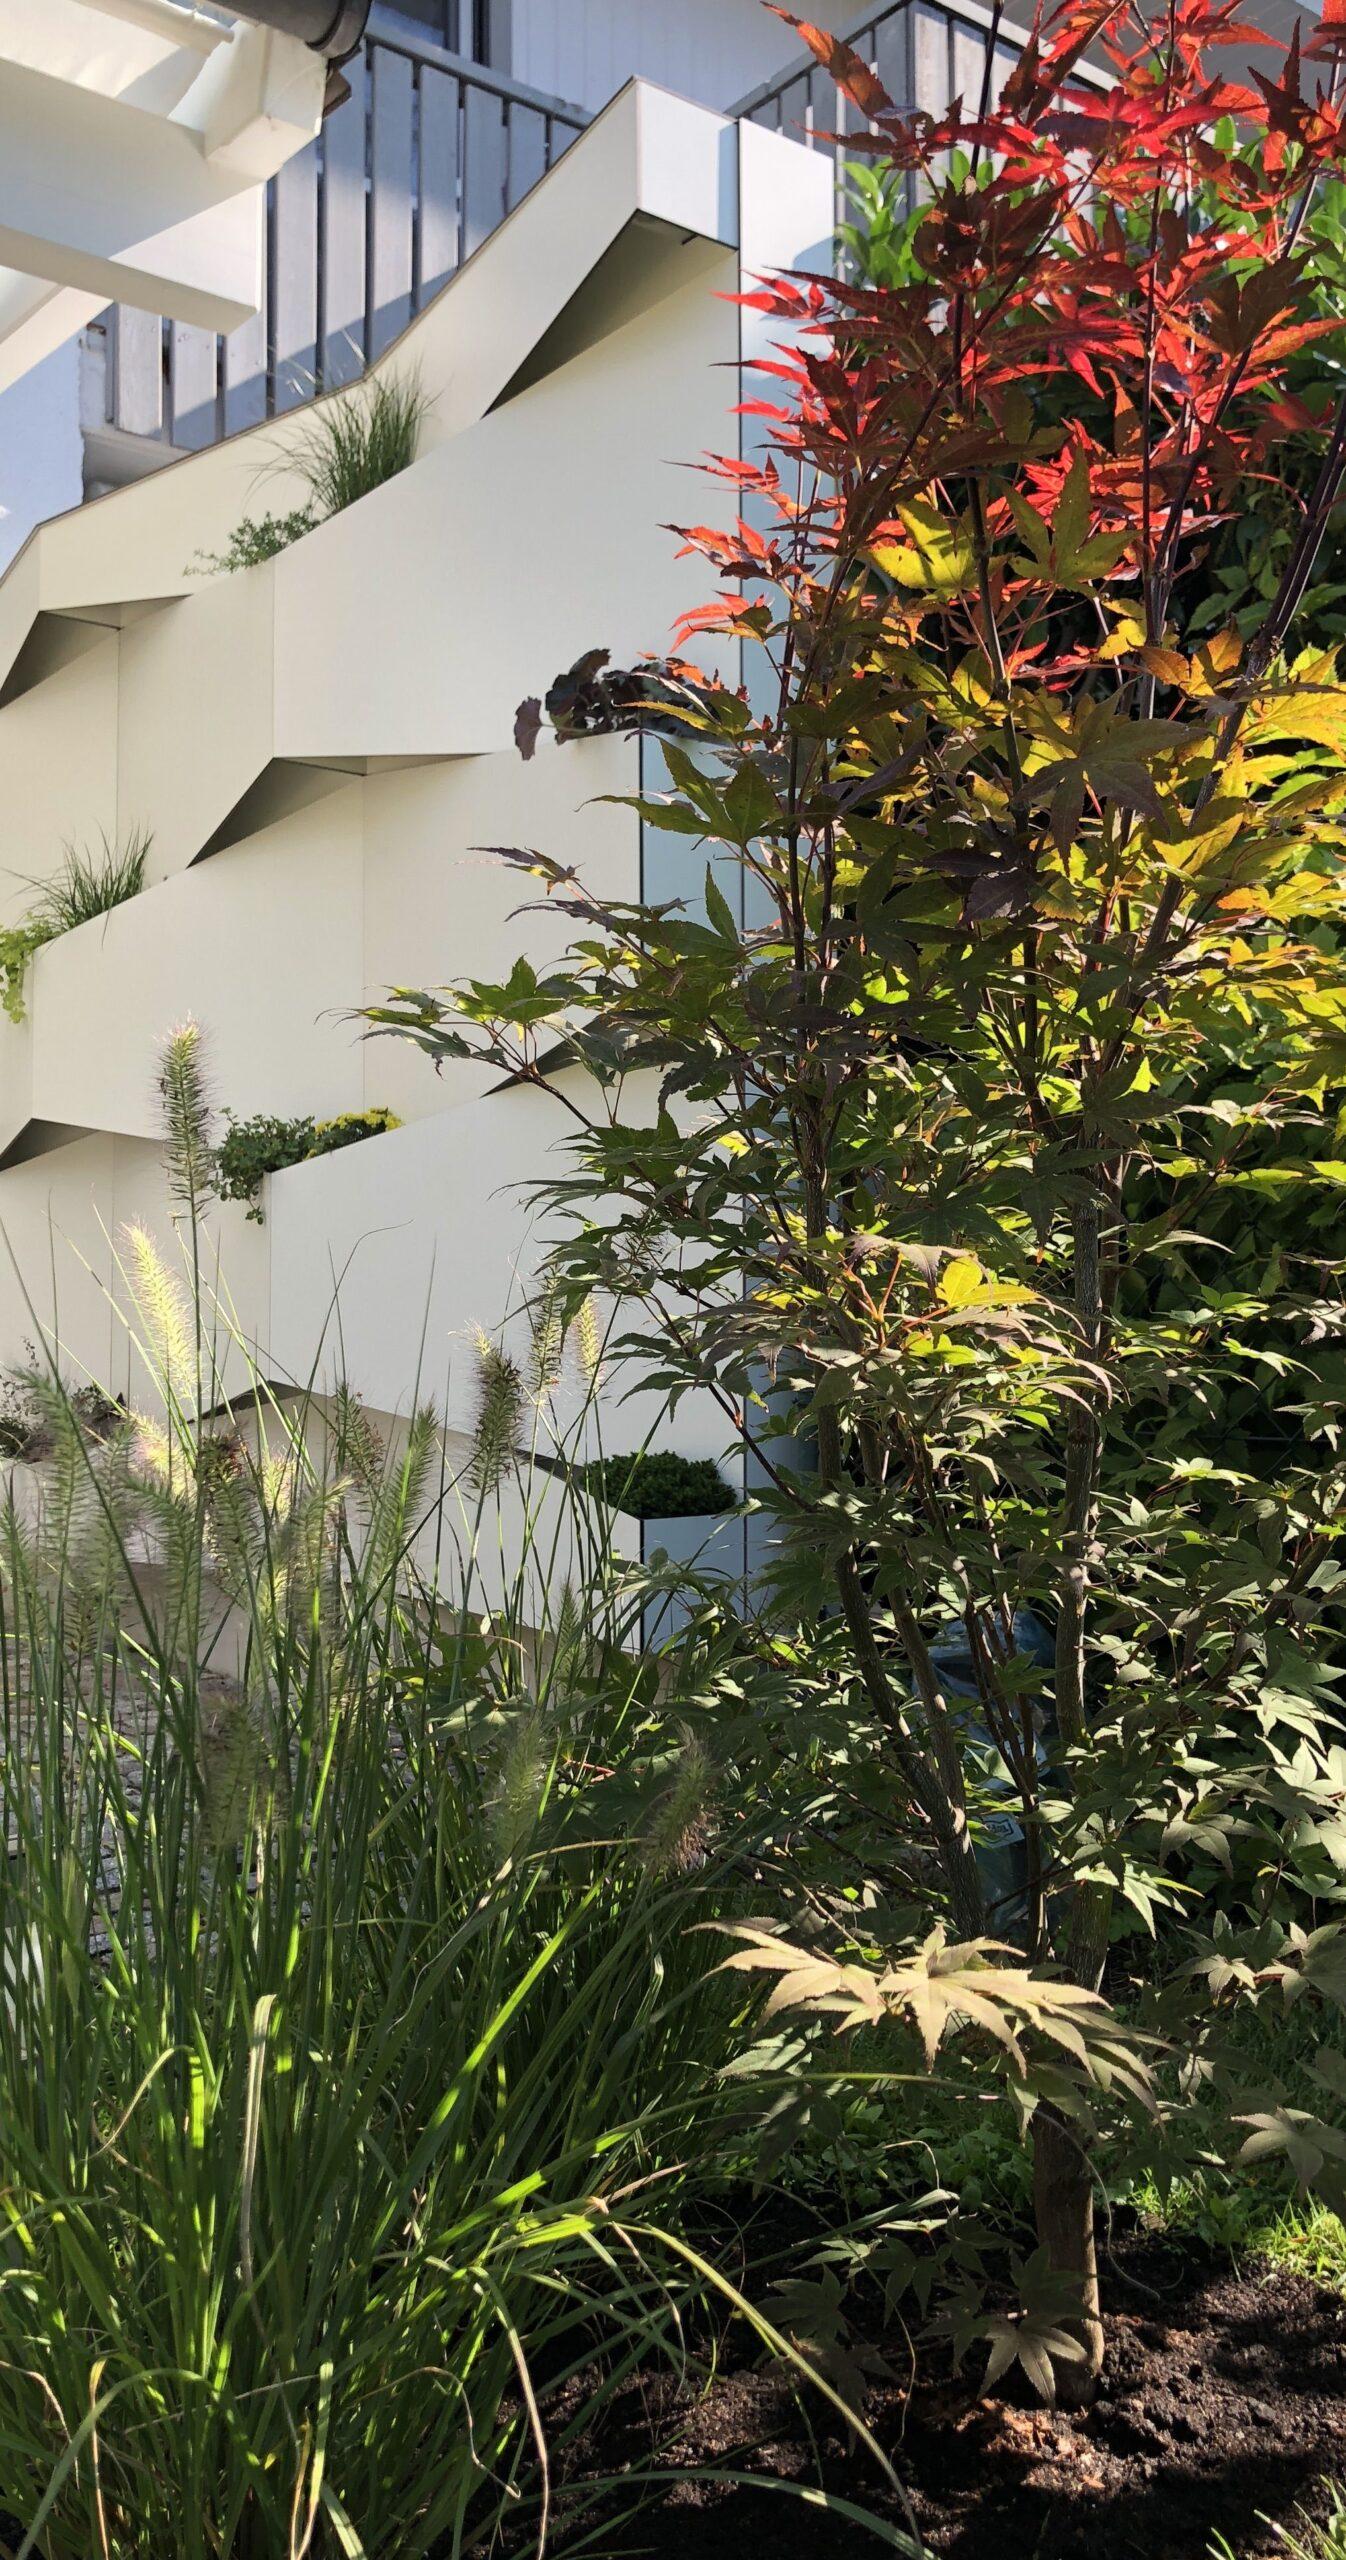 Full Size of Abtrennwand Garten Trennwand Holz Geometrical Garden Segregation Made Of White Compact Board The Bewässerungssysteme Test Kugelleuchte Loungemöbel Klapptisch Wohnzimmer Abtrennwand Garten